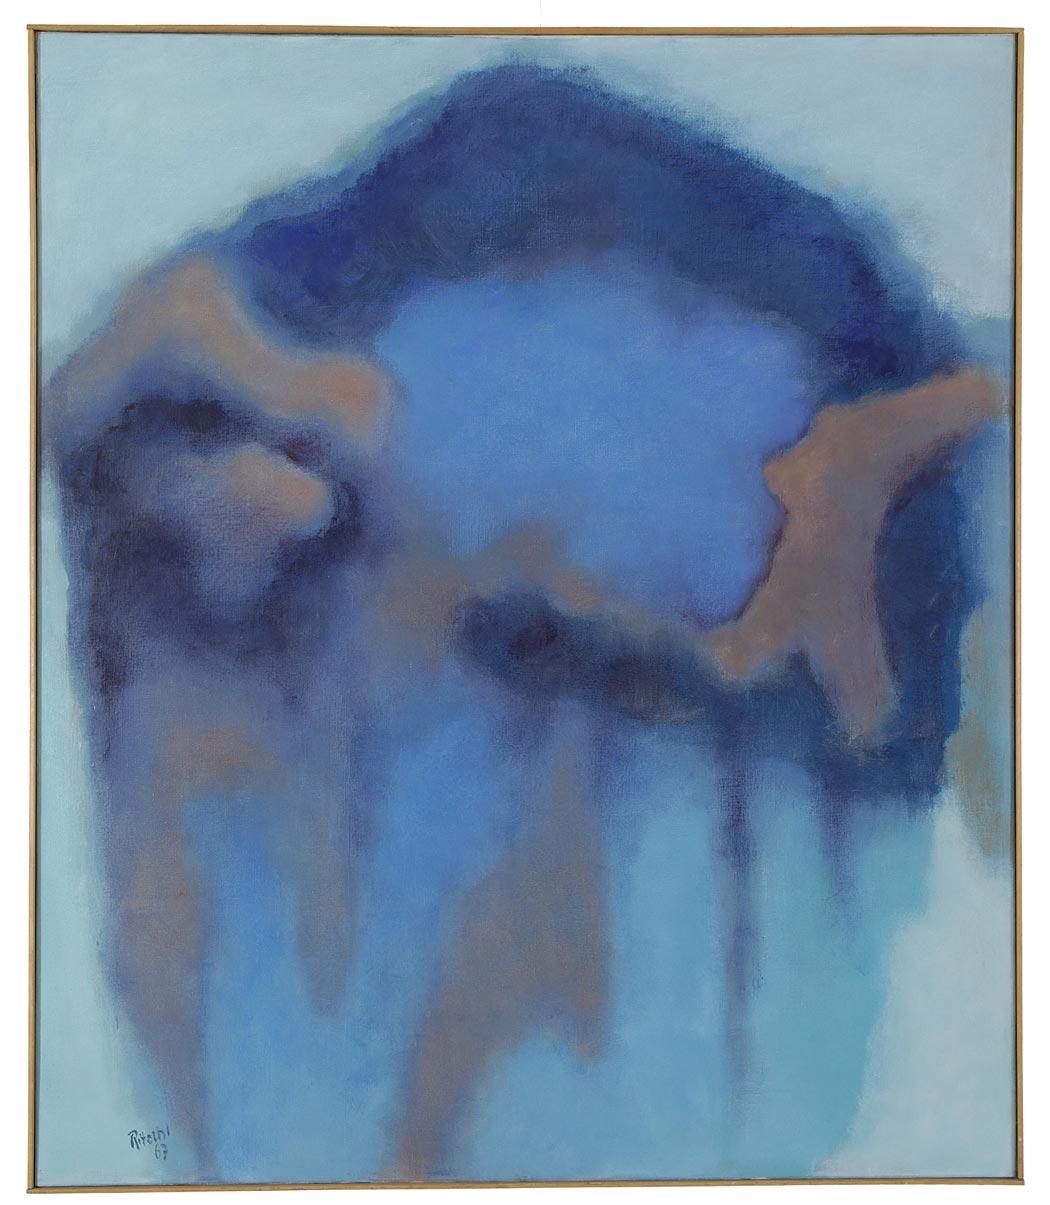 Otto Ritschl: Fünfzehntes Bild aus dem Jahr 1967, Spätwerk, Werkverzeichnis des Museumsvereins Ritschl e.V., Verlag Hirmer